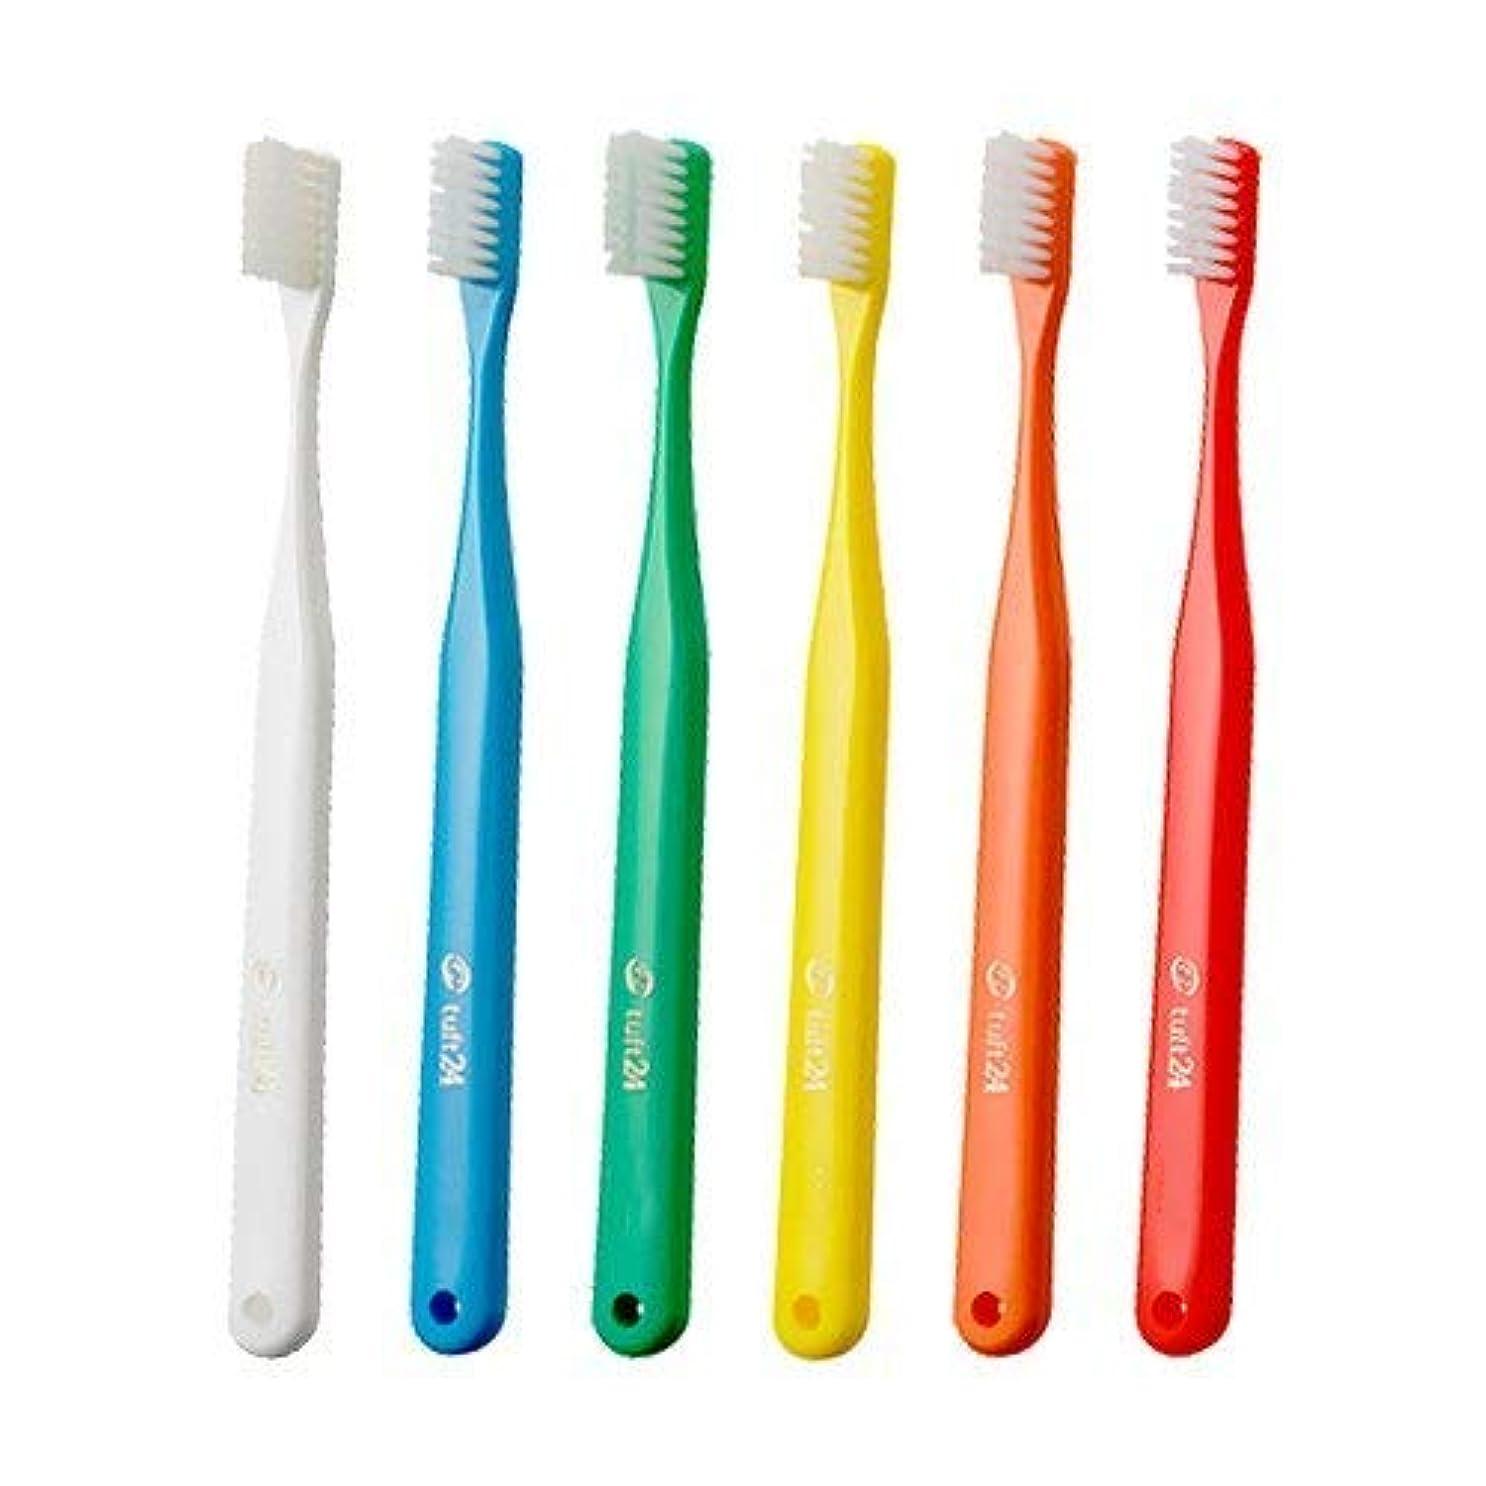 光ポルティコリムオーラルケア キャップなし タフト24 歯ブラシ × 10本 (MH)